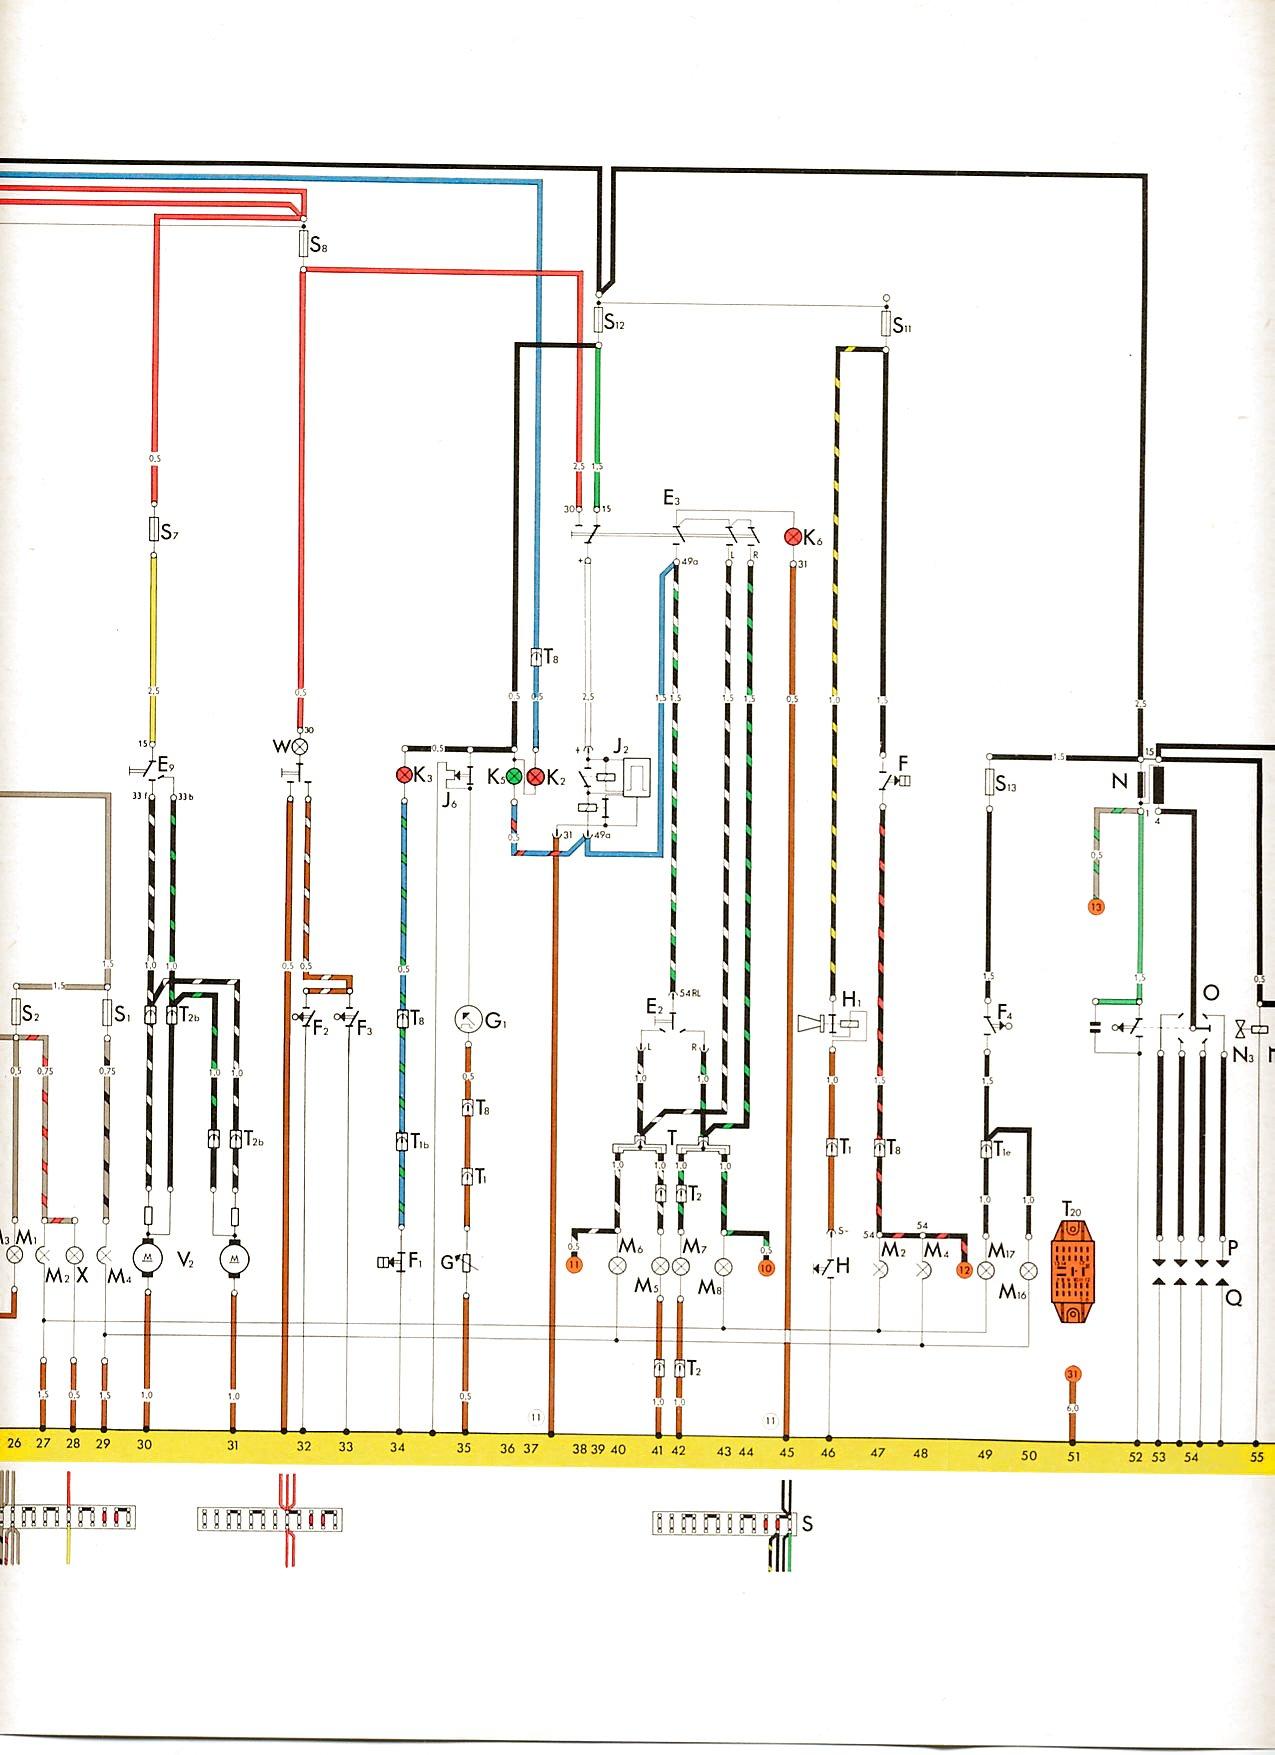 1974 vw bus wiring diagram kenmore elite dryer schaltpläne